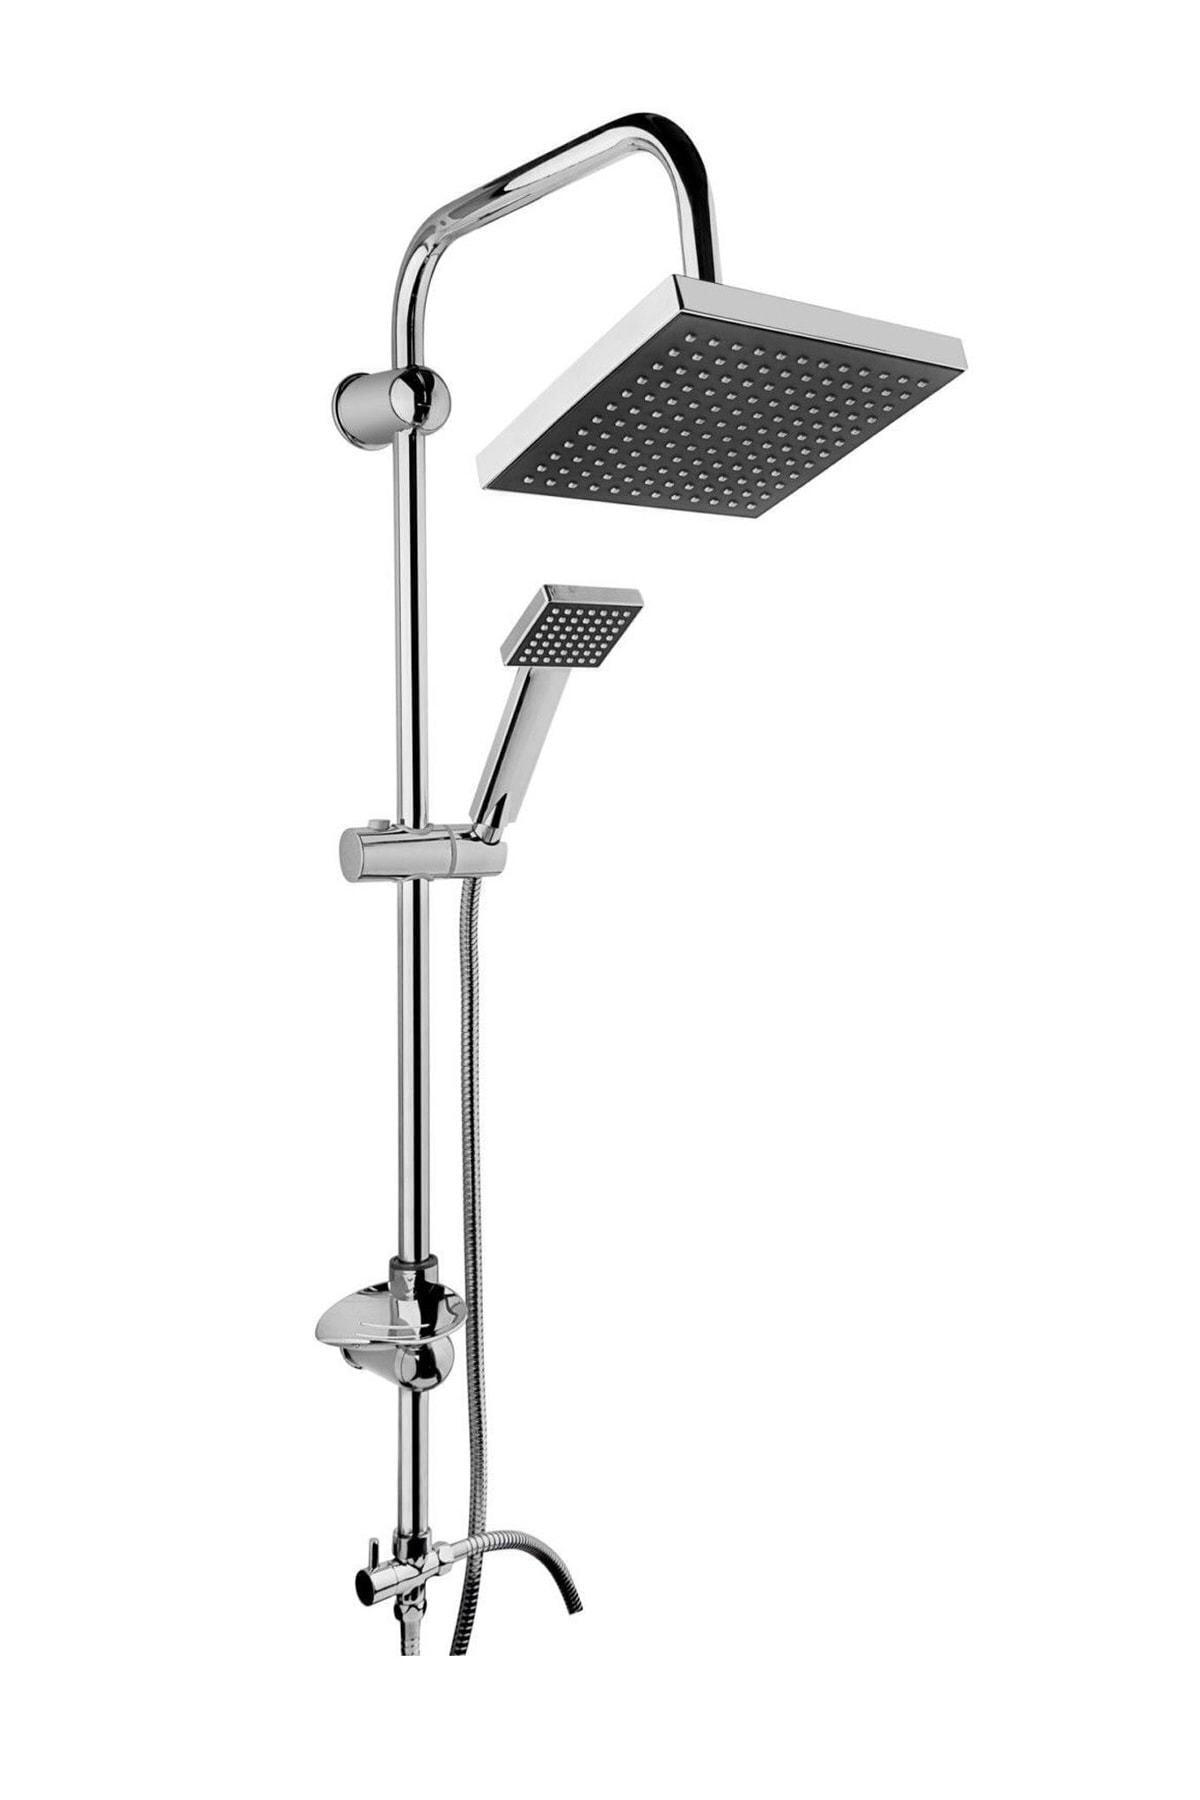 morponi Robot Kare Tepe Duş Sistemi Çok Fonksiyonlu Yağmurlama Duş Seti 1